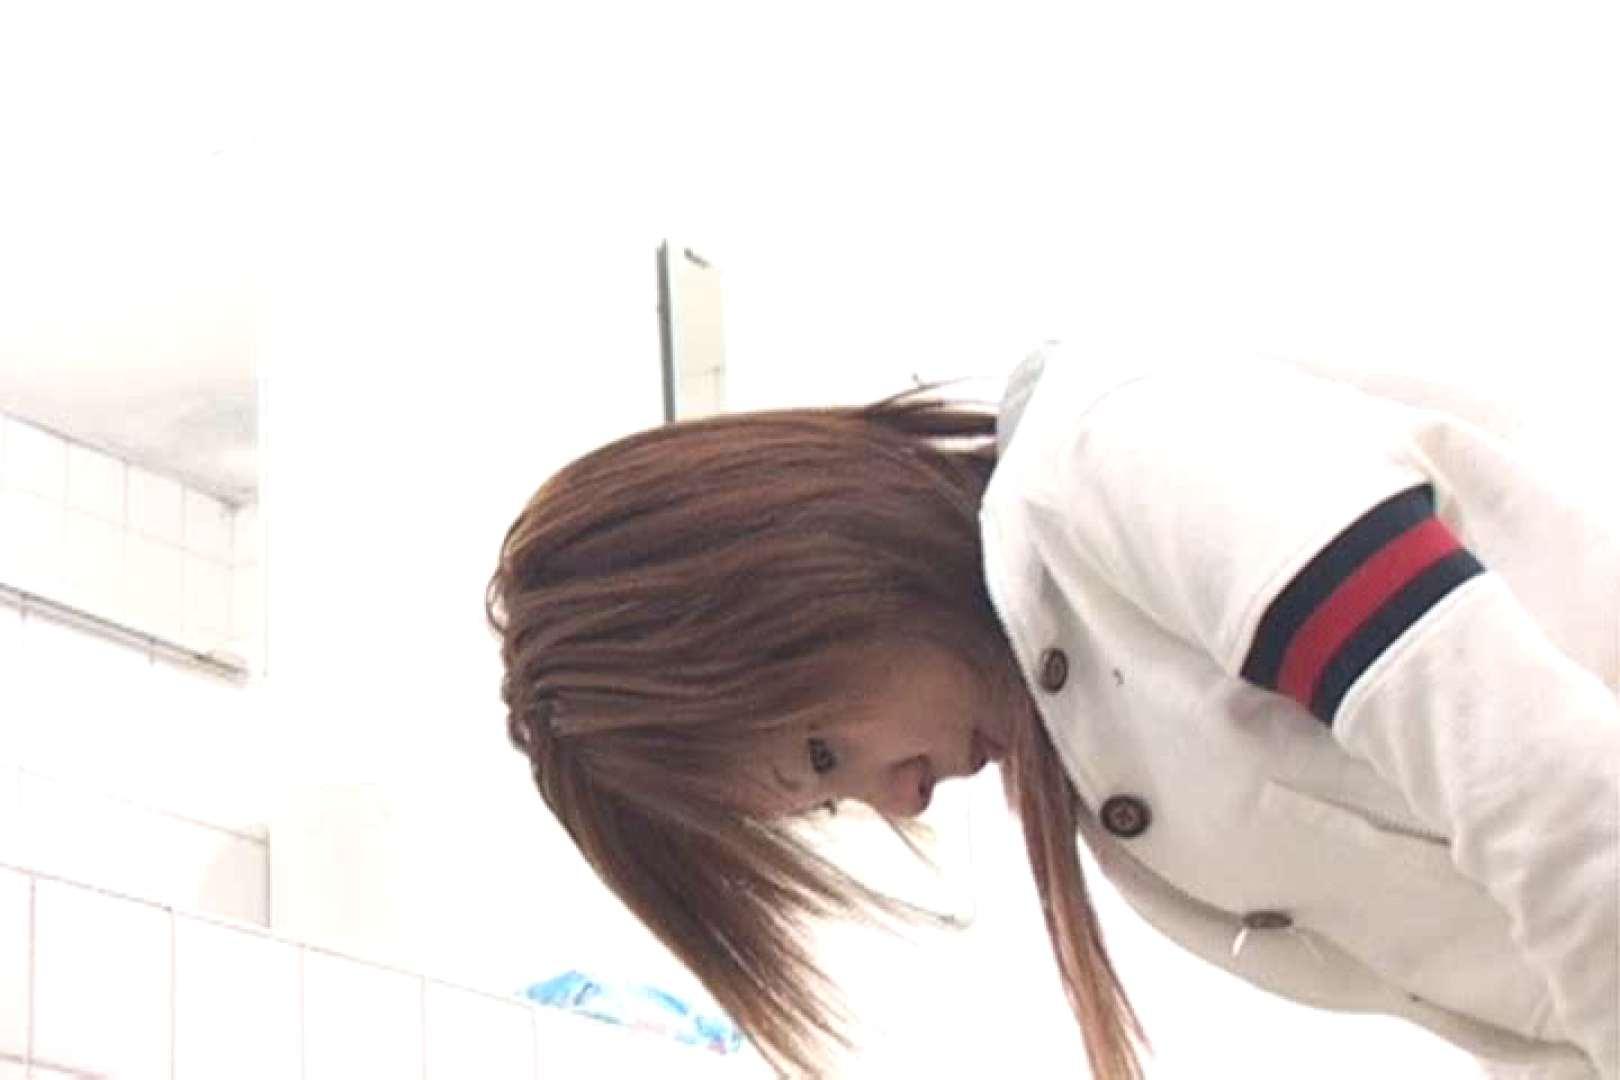 出ちゃう!漏れちゃう!!人妻編Vol.3 洗面所 オメコ動画キャプチャ 108PIX 17